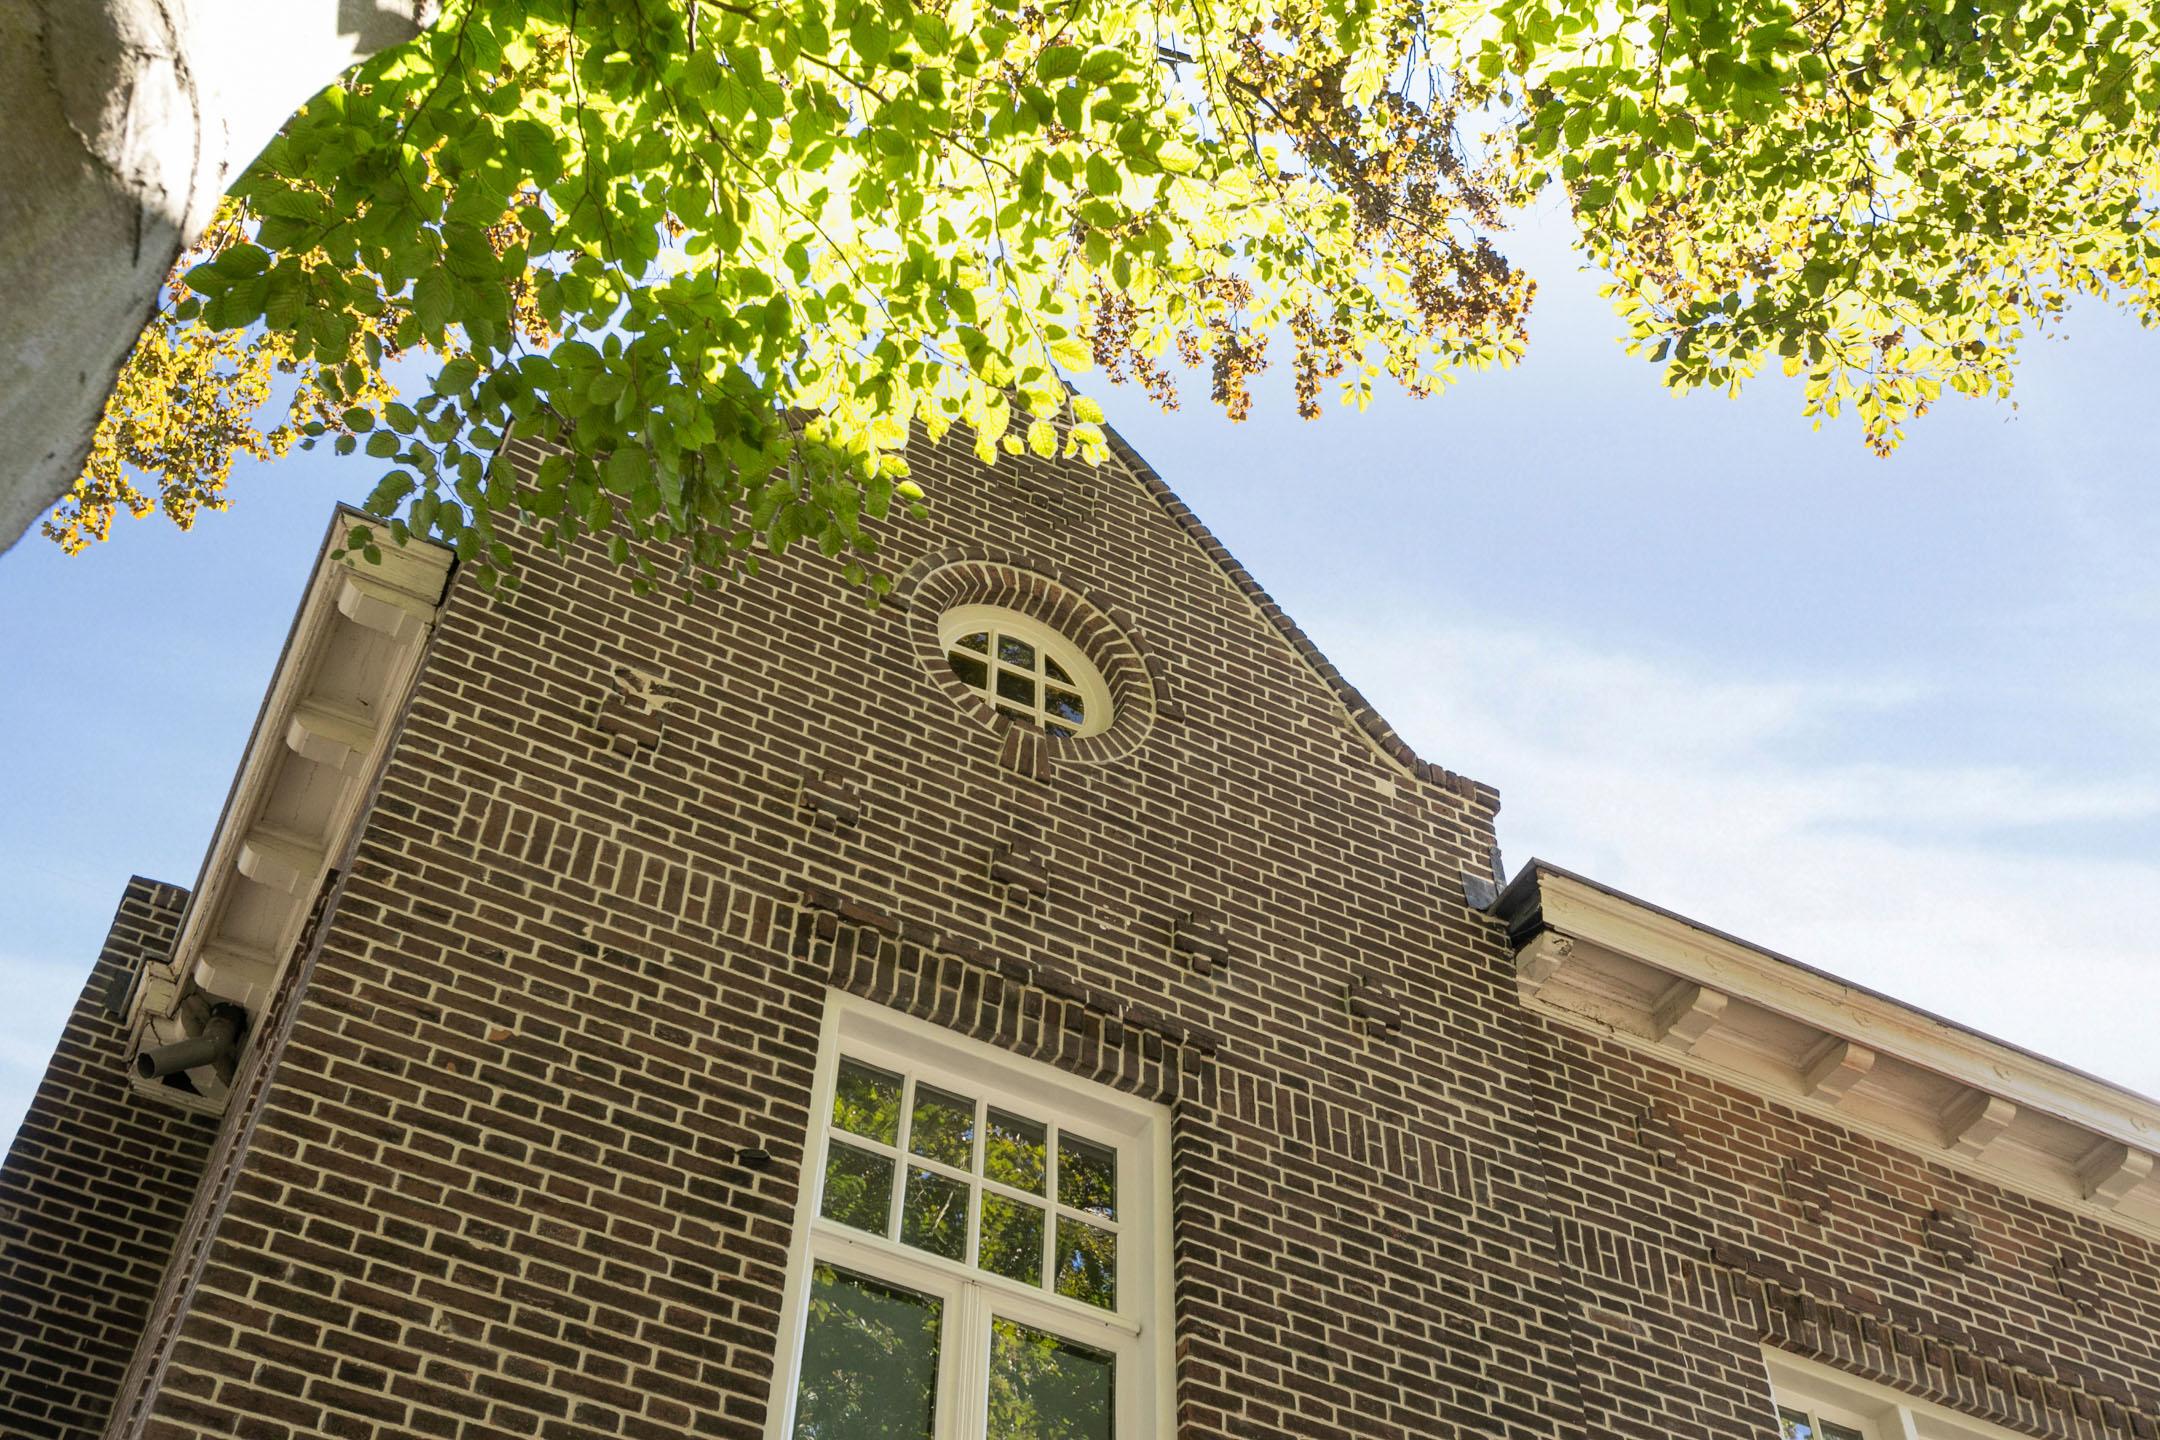 Suzanne_Geux_renovatie en verbouwing_Eindhoven_nieuwe situatie_2.jpg